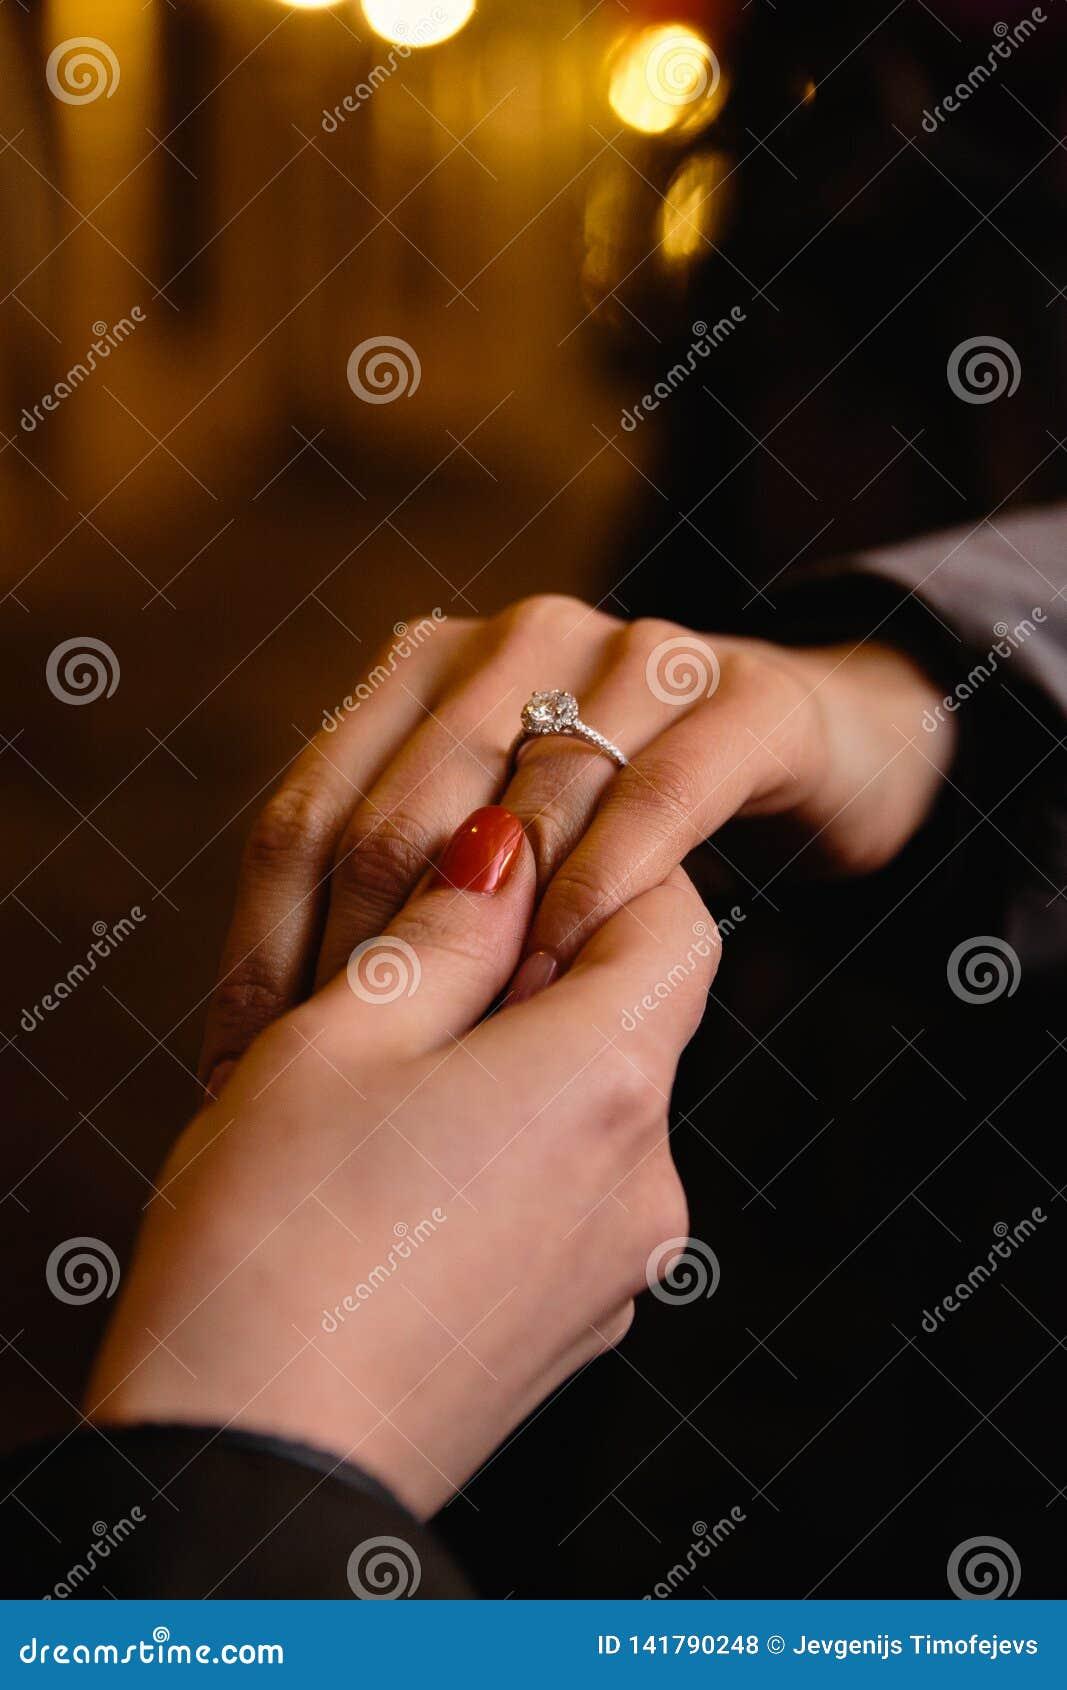 Proposition de vie réelle : L amie de la jeune mariée vérifie la bague de fiançailles - un anneau avec une grande gemme